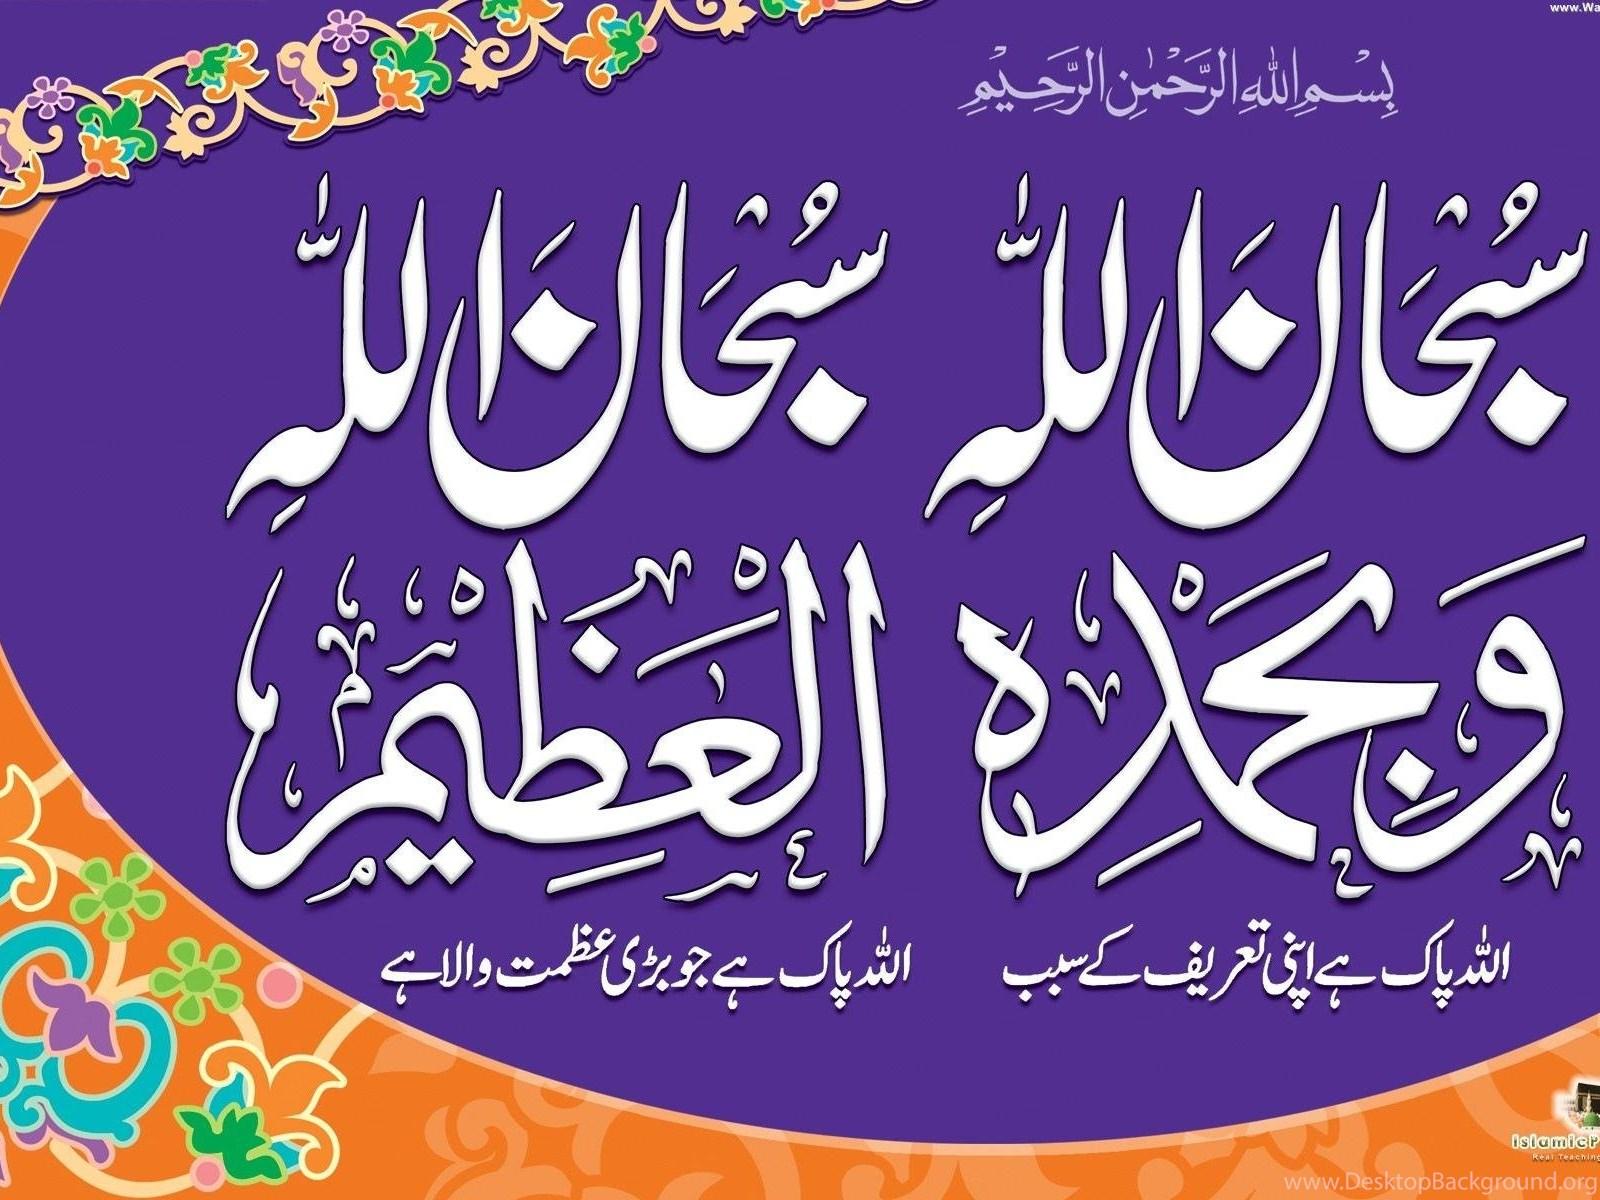 Best Islamic Wallpapers Desktop Backgrounds Desktop Background